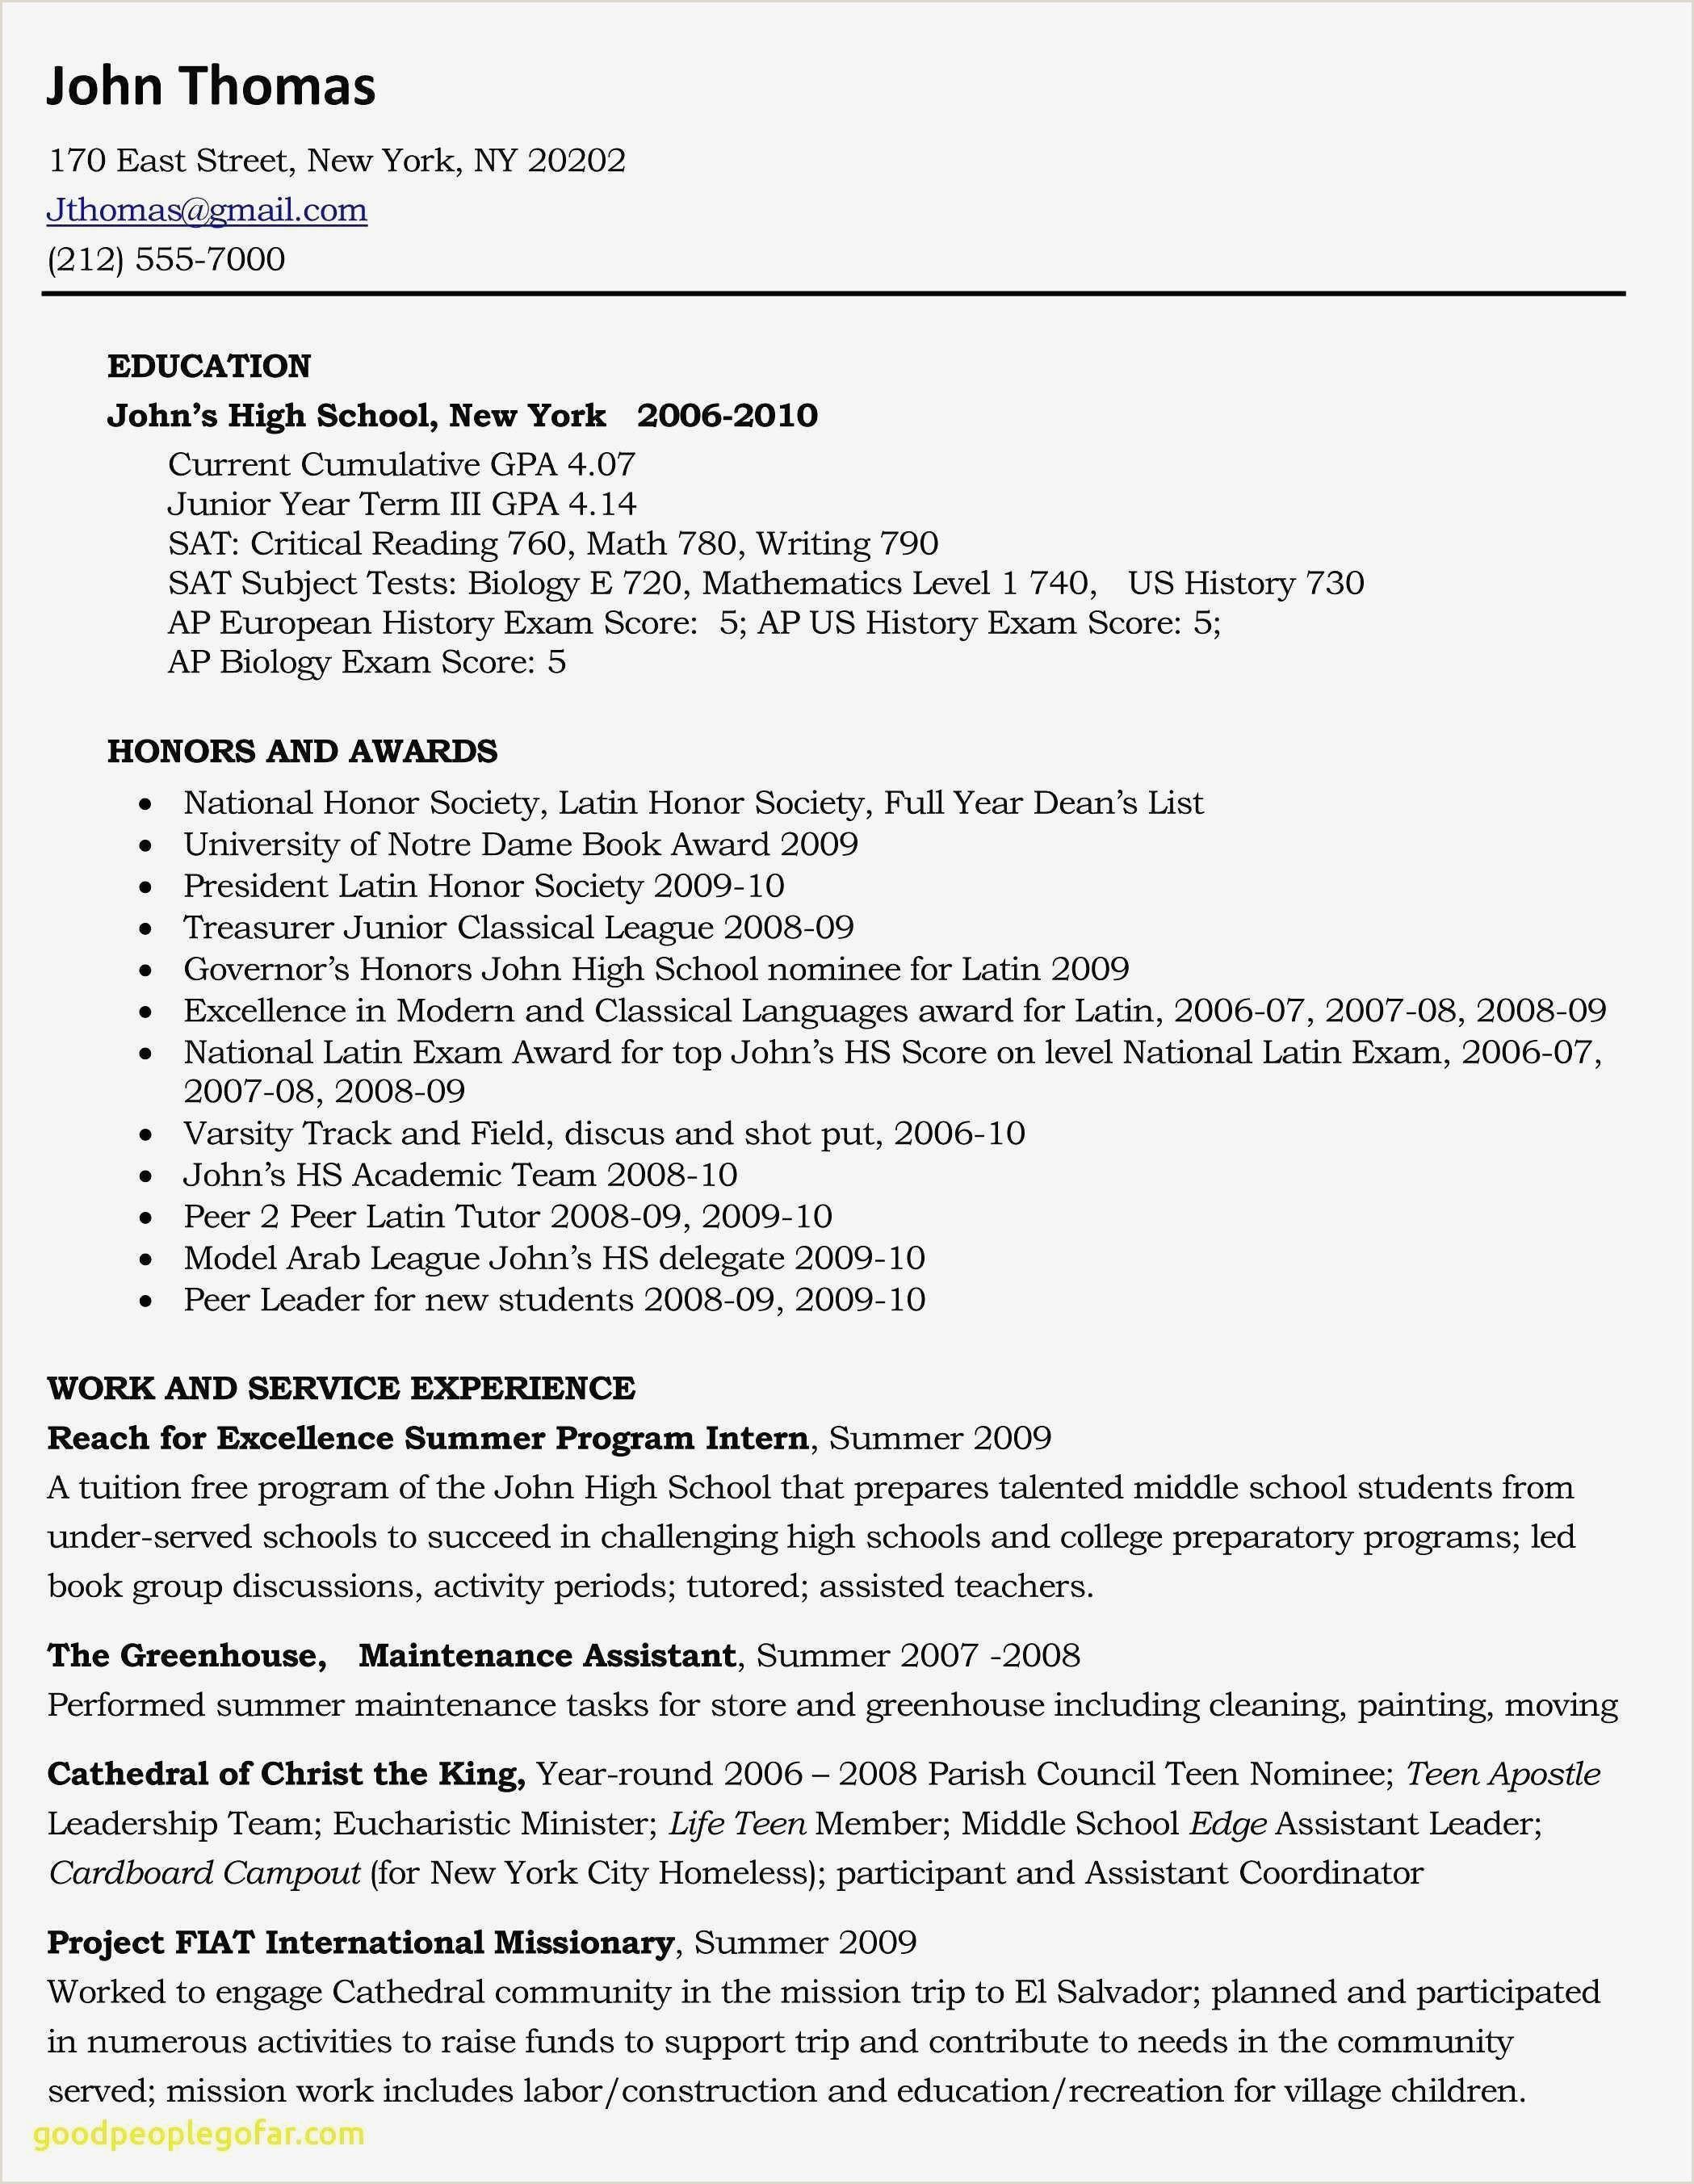 Resume format for Job Word Modele De Cv Batiment Gratuit Agréable Fresh Blank Resume